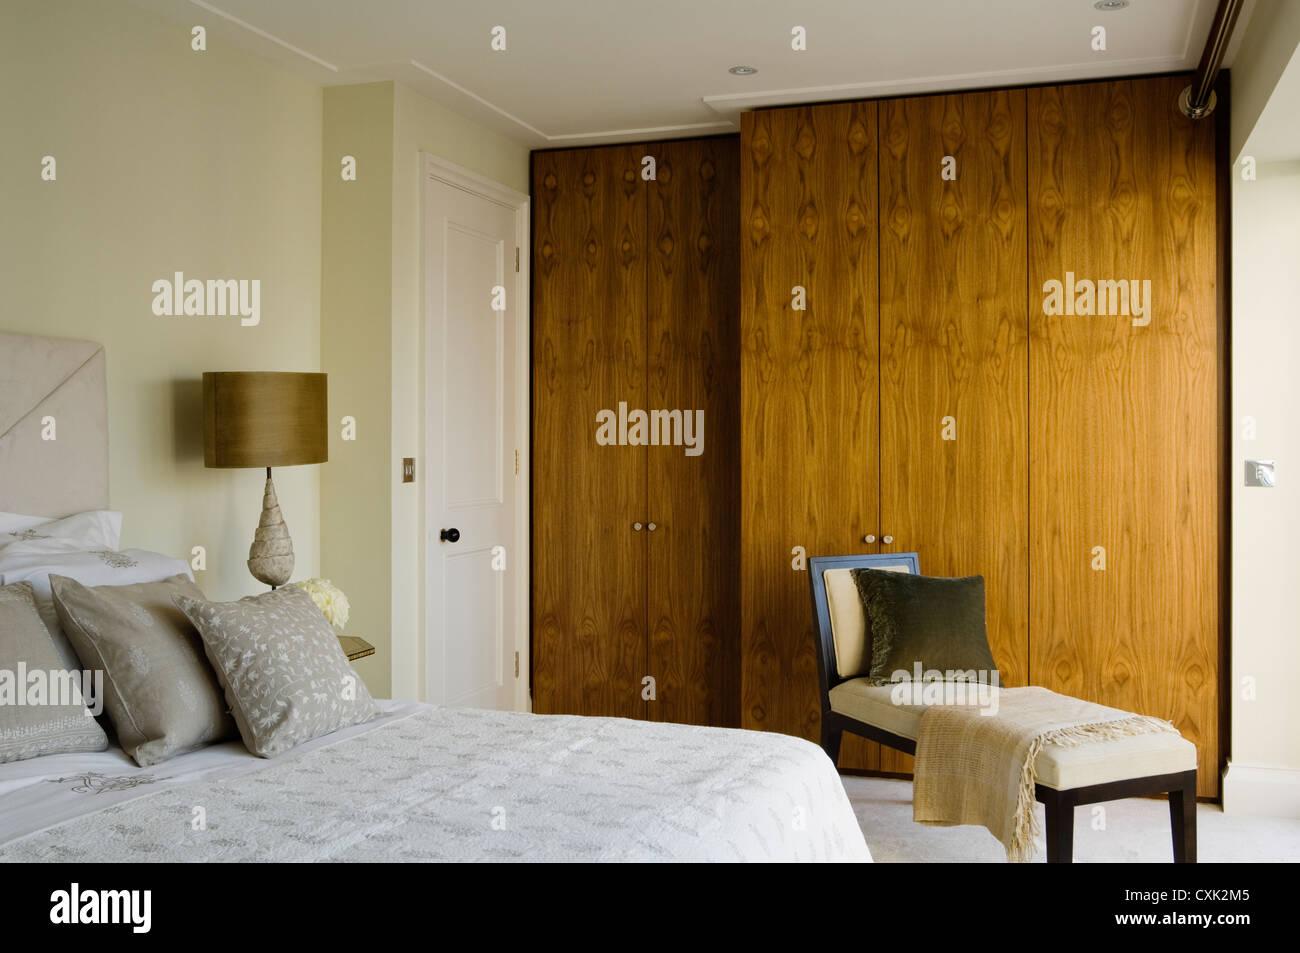 Giorno di colore interno camera da letto letto doppio cuscino